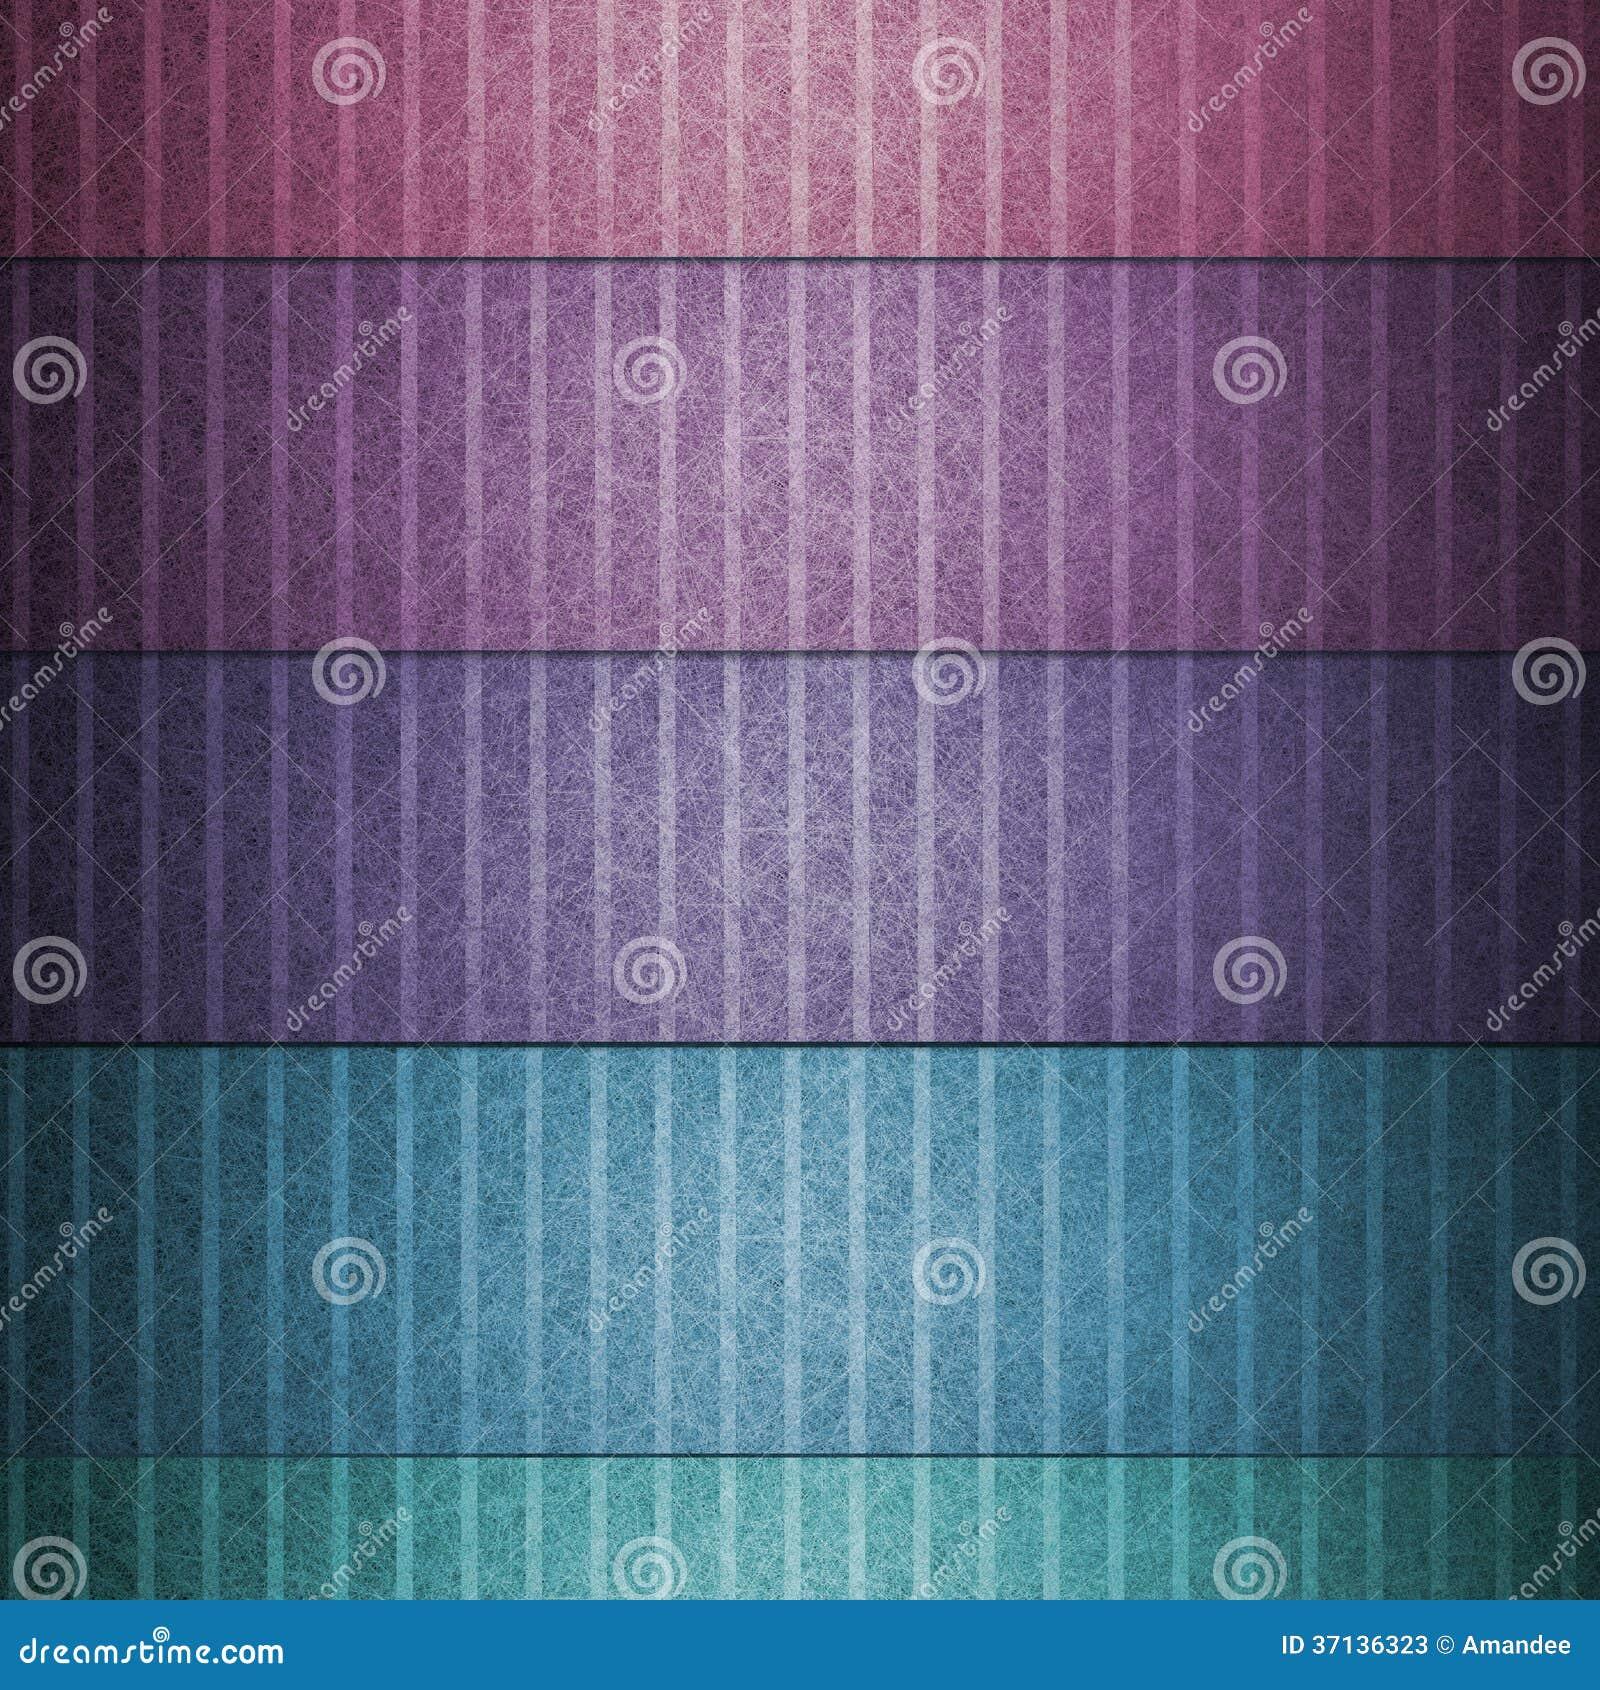 Αφηρημένο πολύχρωμο σχέδιο σχεδίων υποβάθρου της δροσερής ριγωτής γραμμής στοιχείων για τις γραφικές κάθετες γραμμές χρήσης τέχνης